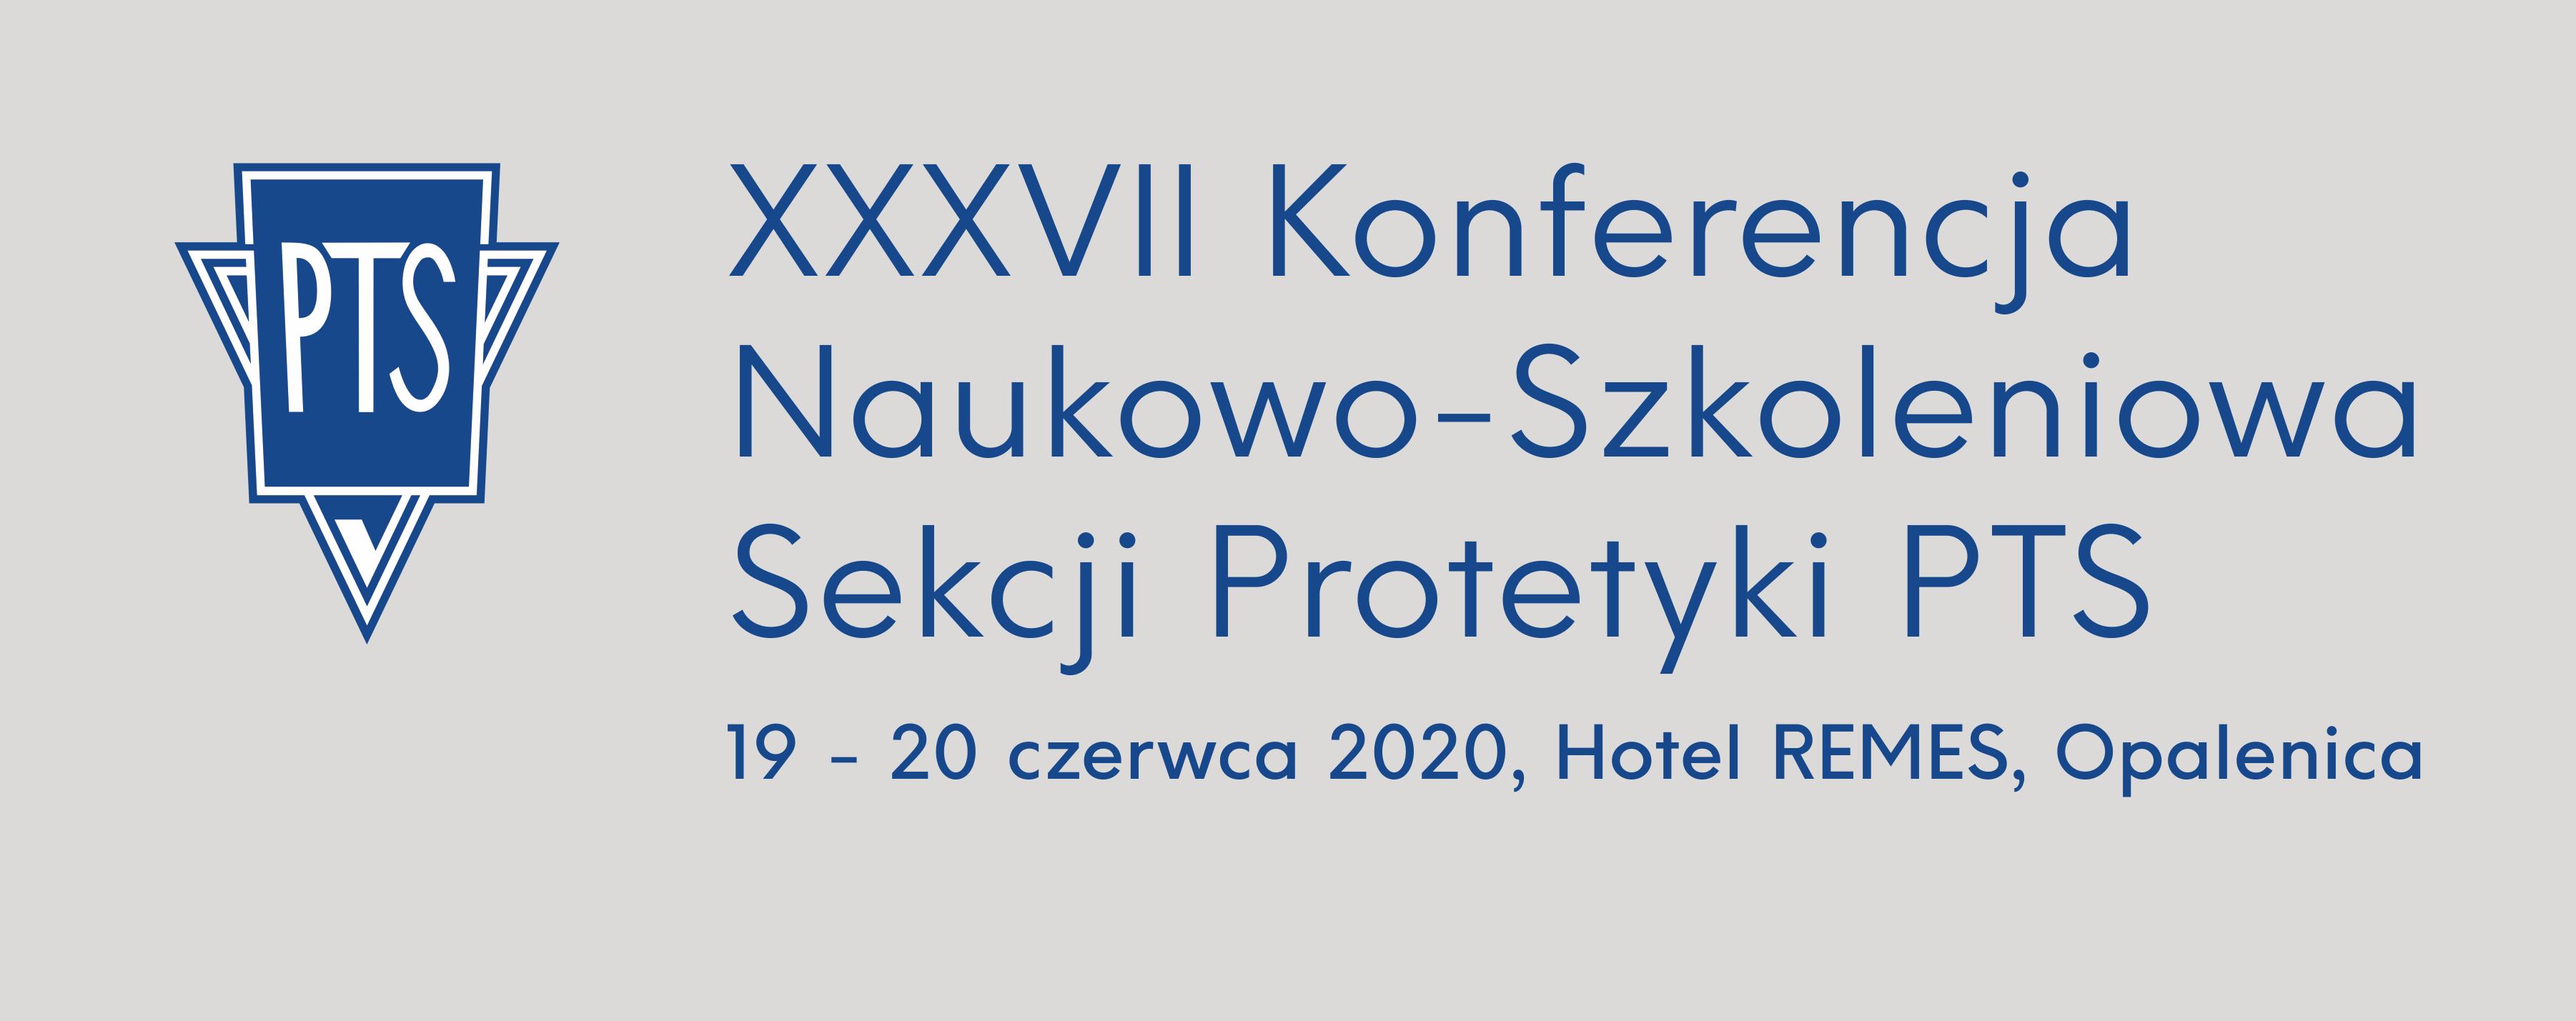 XXXVII Konferencja Sekcji Protetyki PTS ze stroną internetową